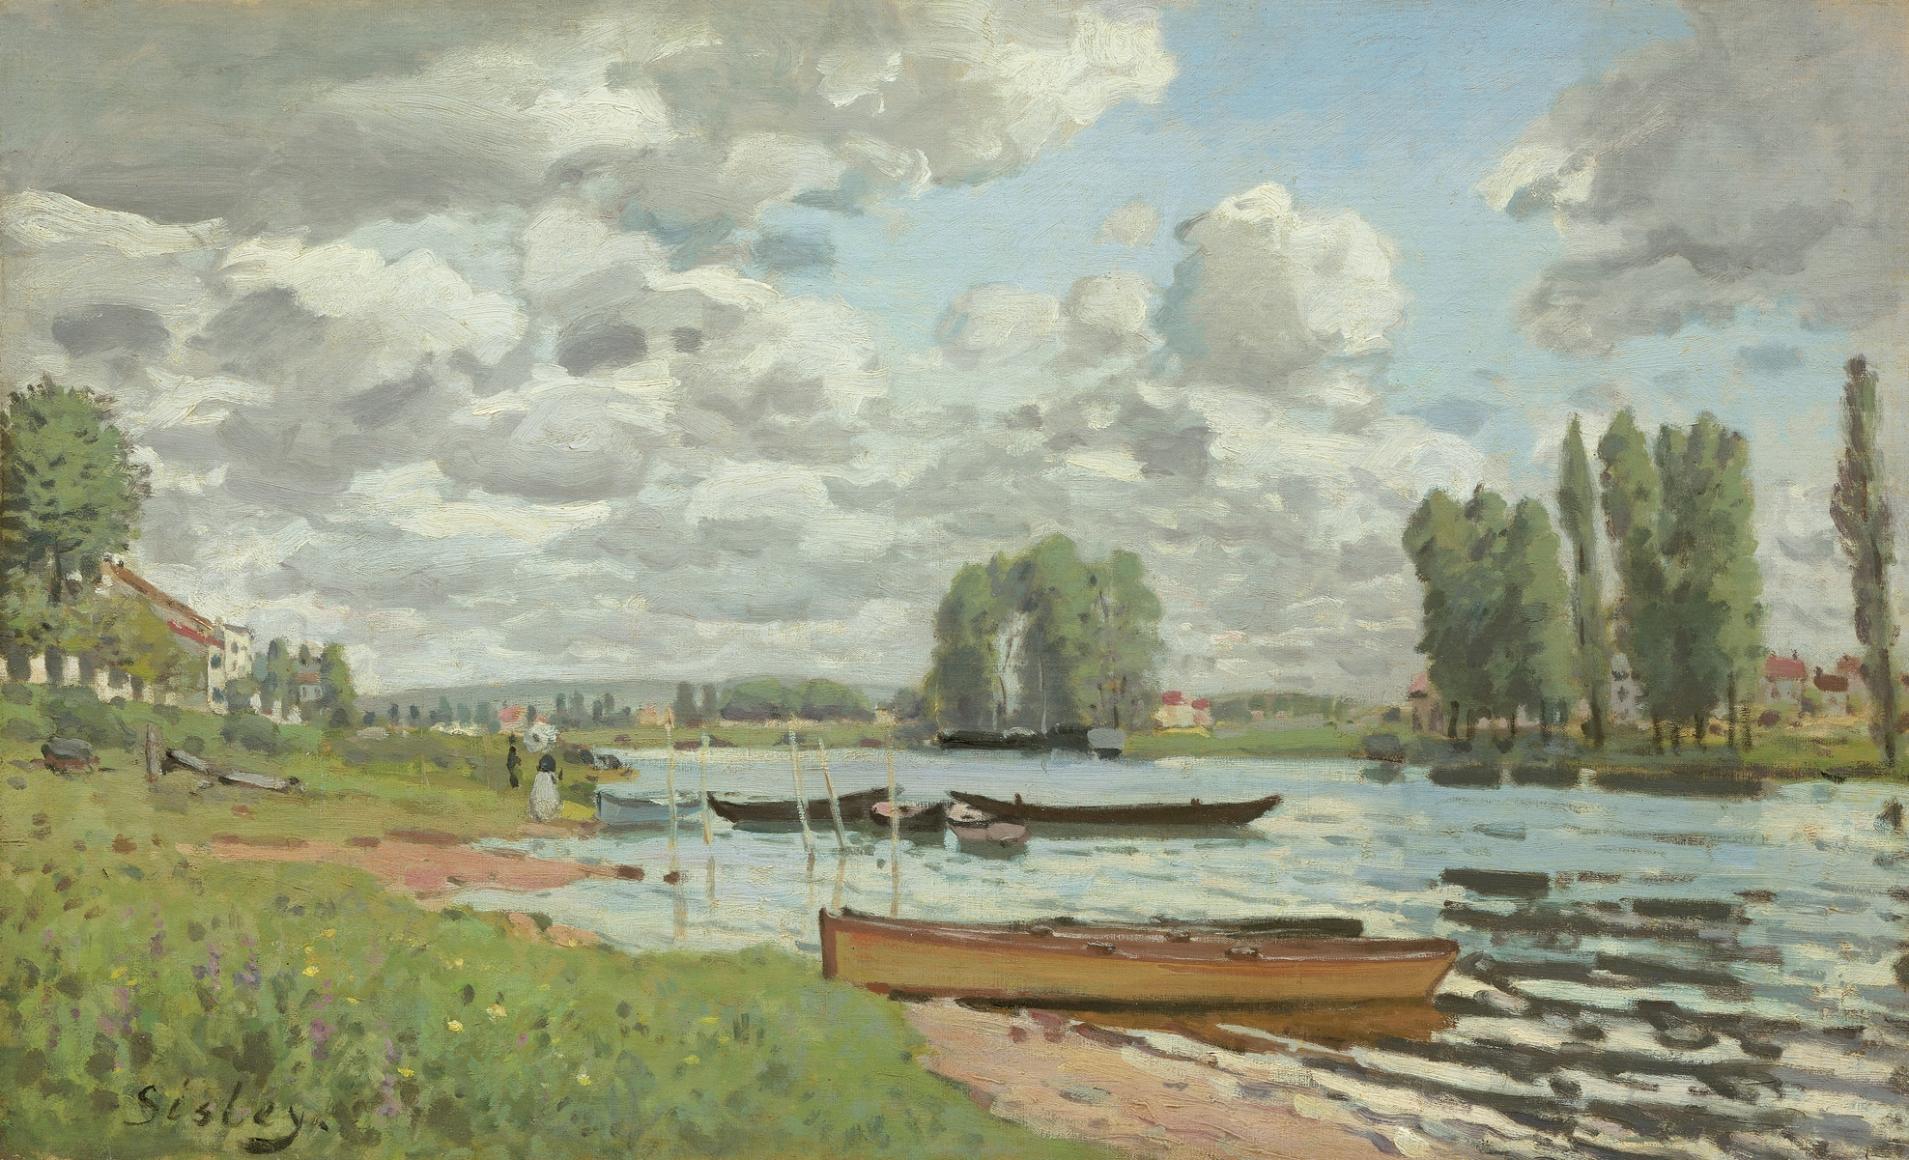 Alfred Sisley, Bords de Seine, près de l'île Saint-Denis (At the Edge of the Seine, near L'île Saint-Denis), 1872, Oil on canvas, 18 ½ x 25 ½ in. (46 x 65 cm), Signed lower left: Sisley